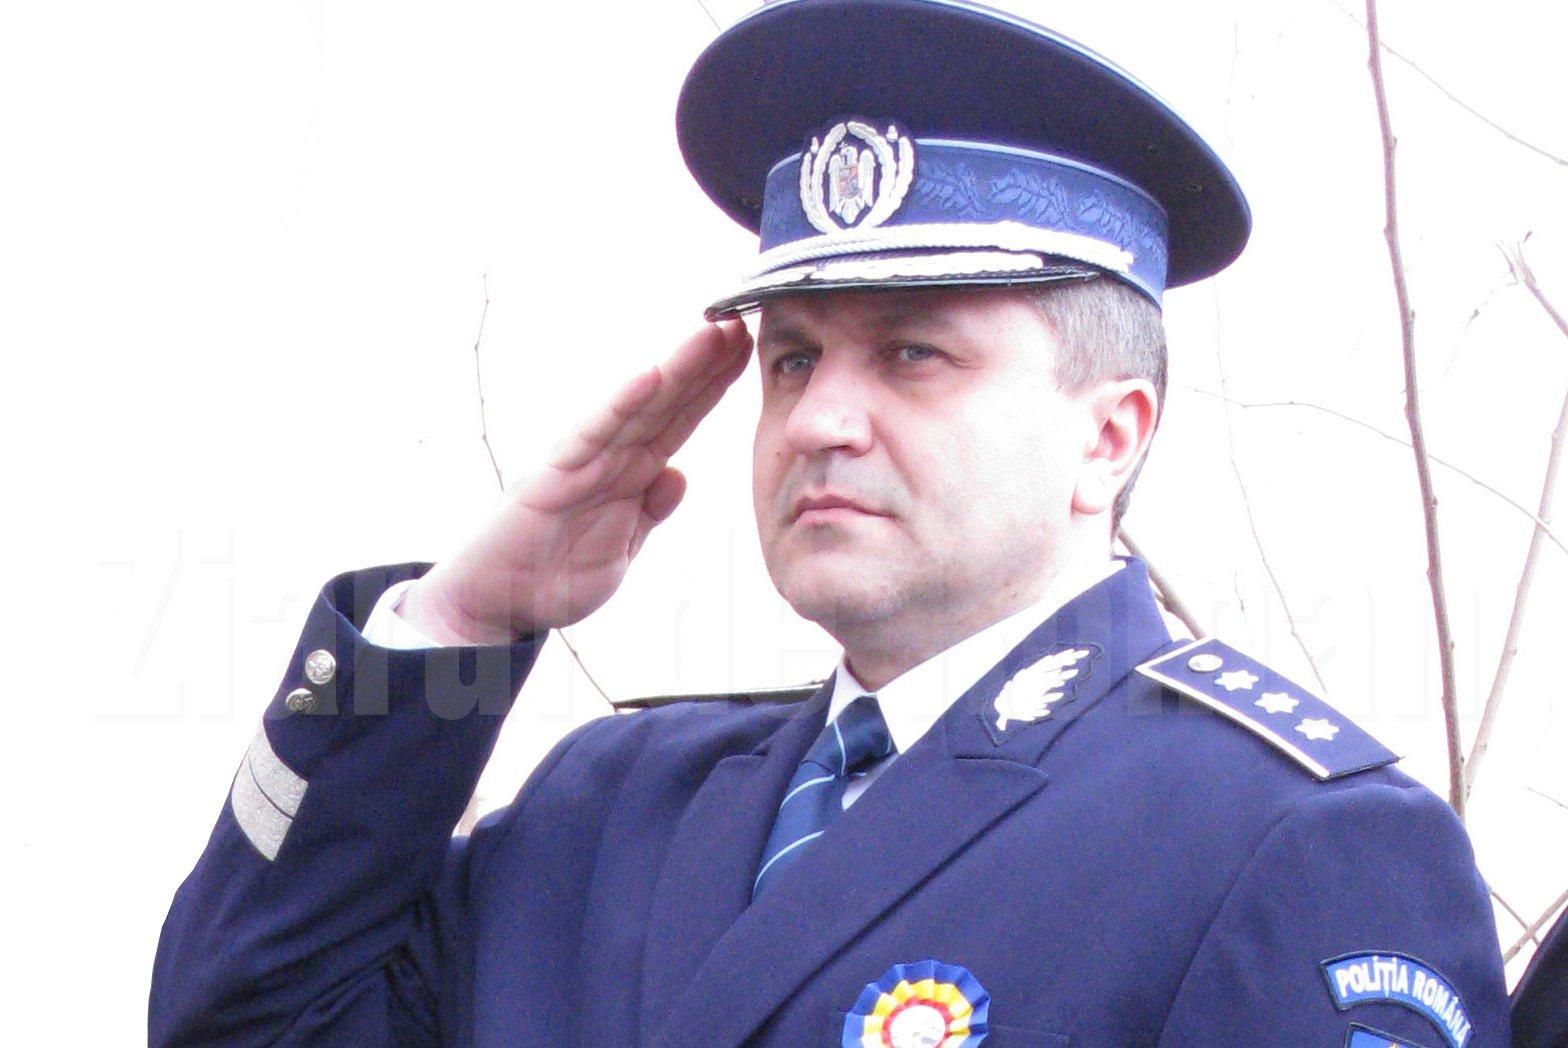 Comisarul șef Dragoș Bălău, numit la conducerea IPJ Bacău